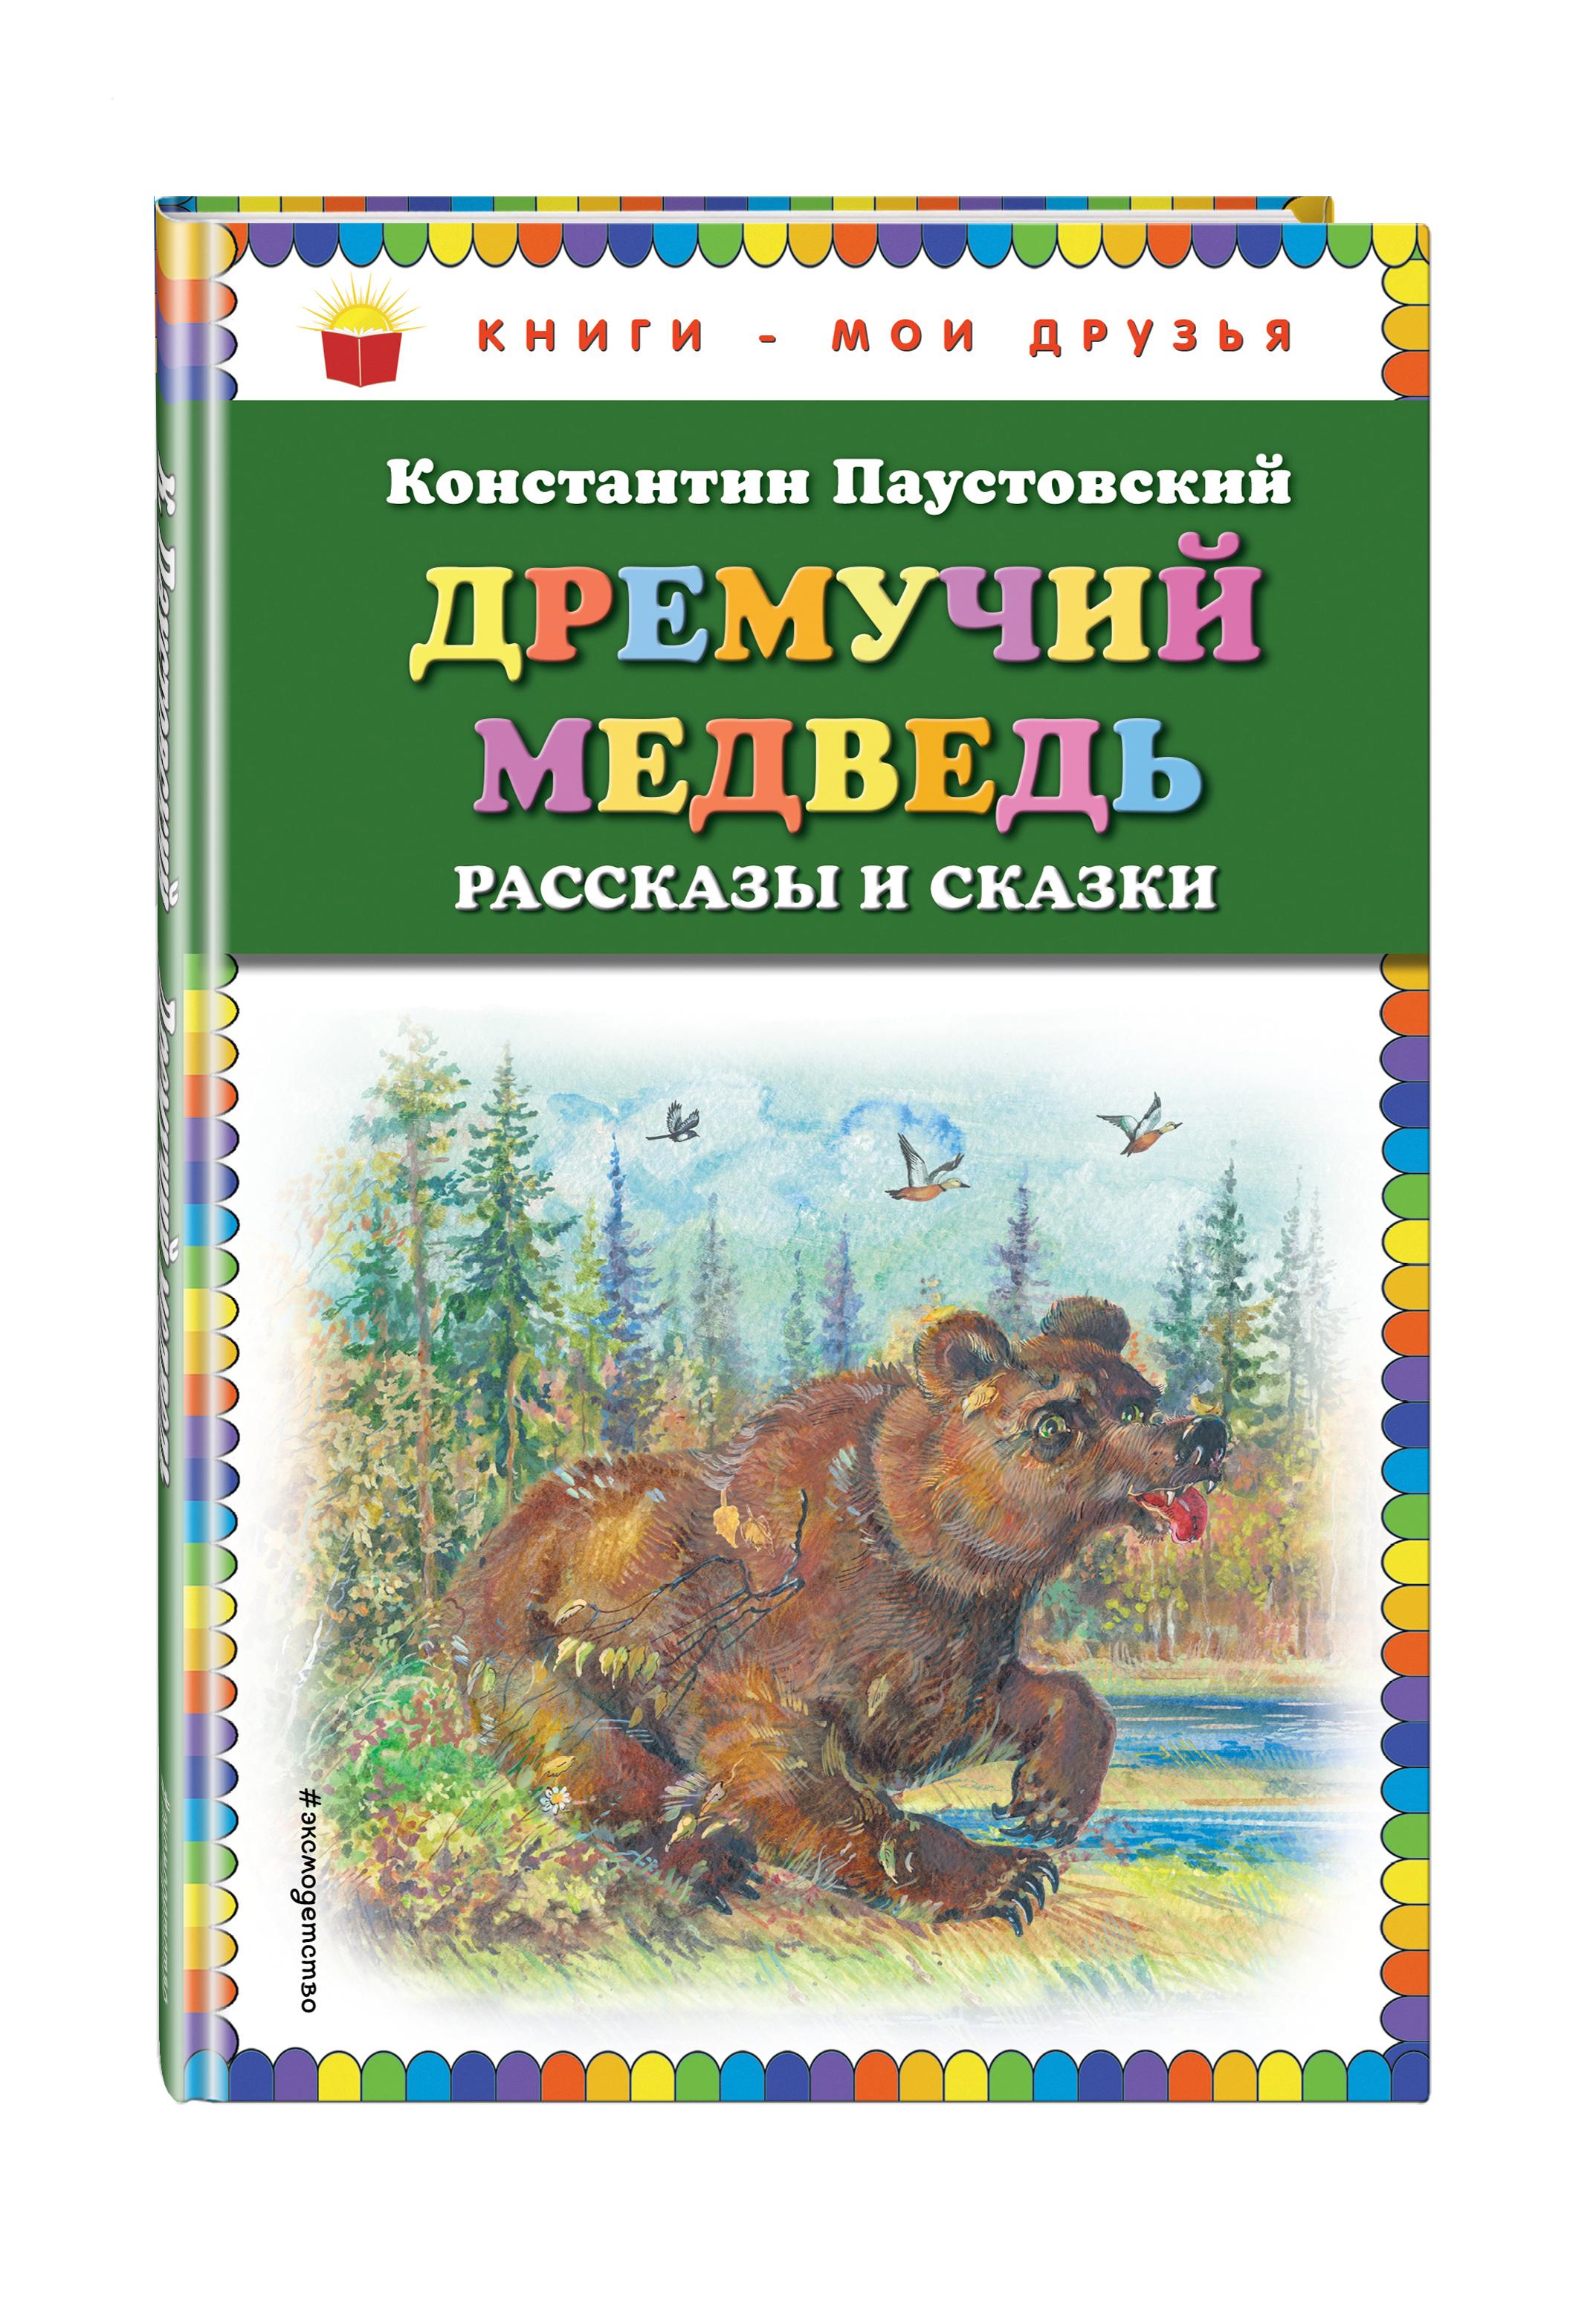 Паустовский К.Г. Дремучий медведь: рассказы и сказки рассказы и сказки